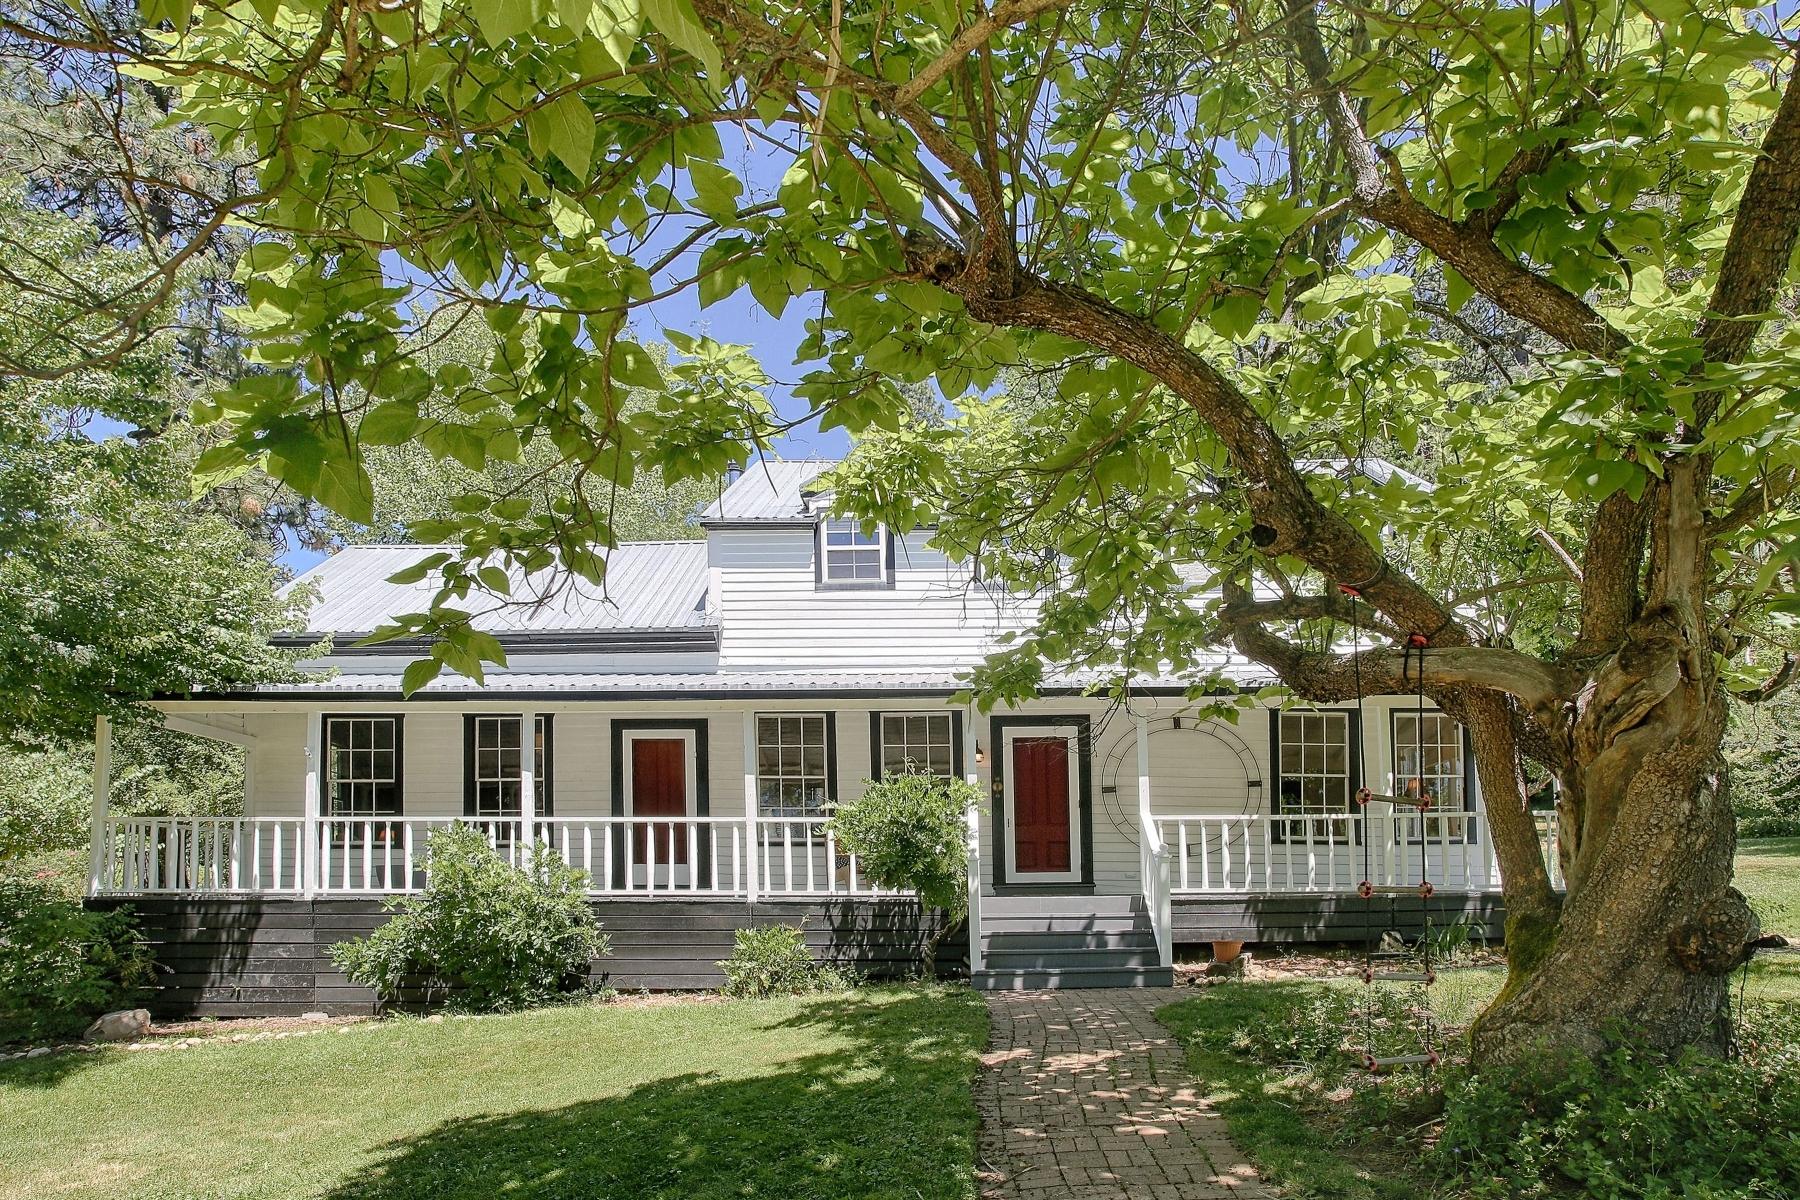 一戸建て のために 売買 アット 972 Stockton Street, Dutch Flat, California 95714 Dutch Flat, カリフォルニア 95714 アメリカ合衆国